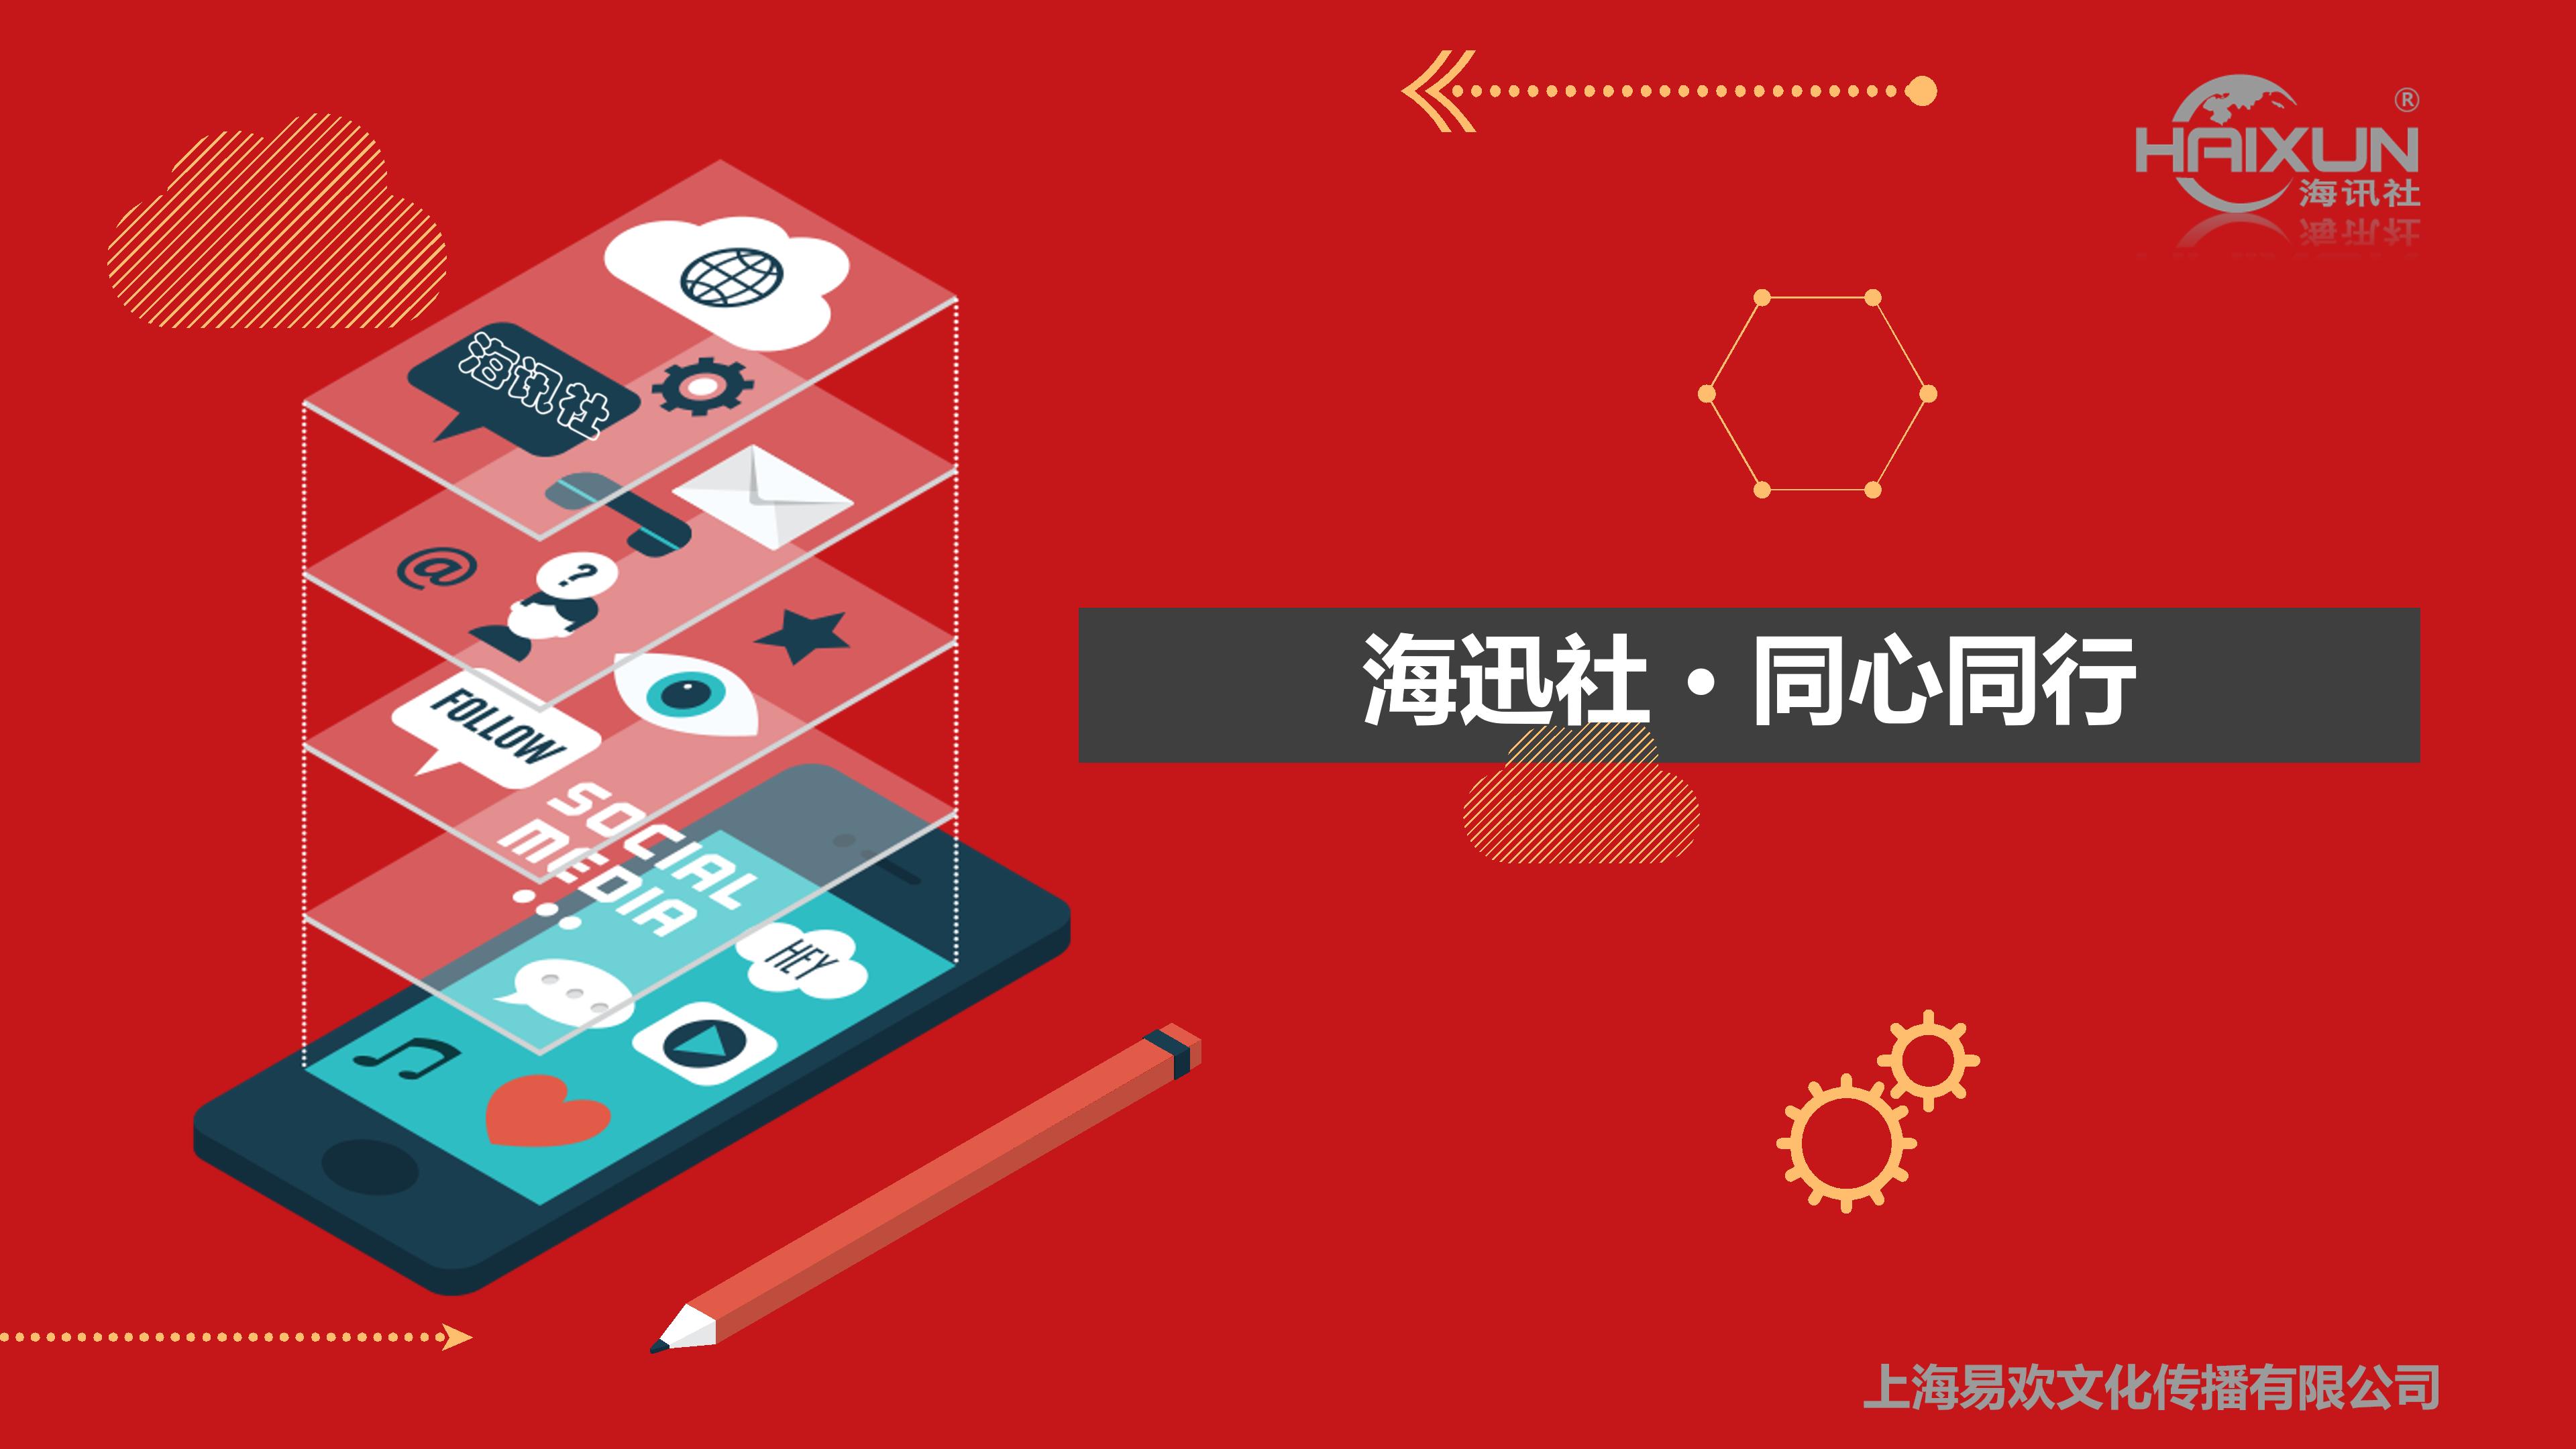 海讯社平台介绍【官方】_01.png